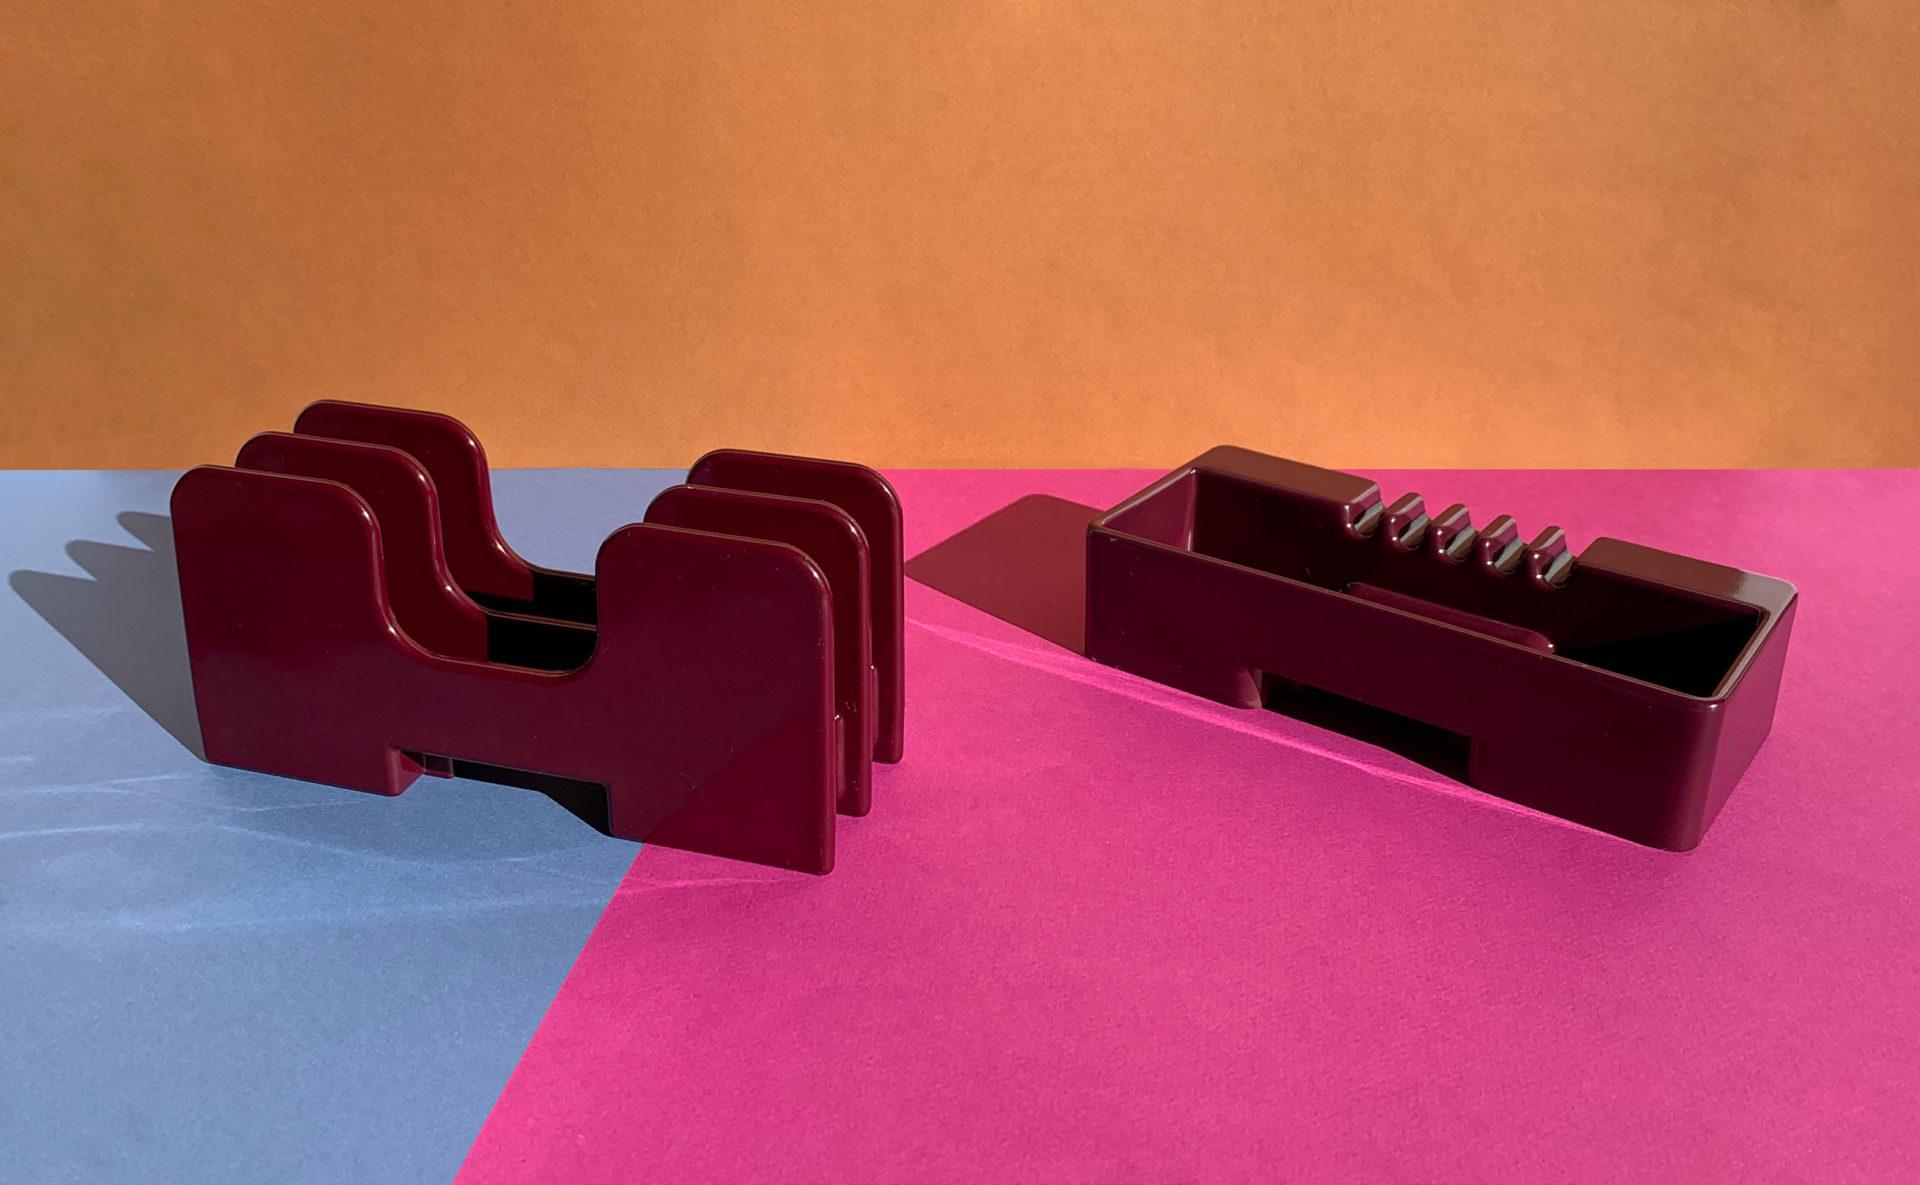 Accessoires de bureau Synthesis 45 - Olivetti par Ettore Sottsass